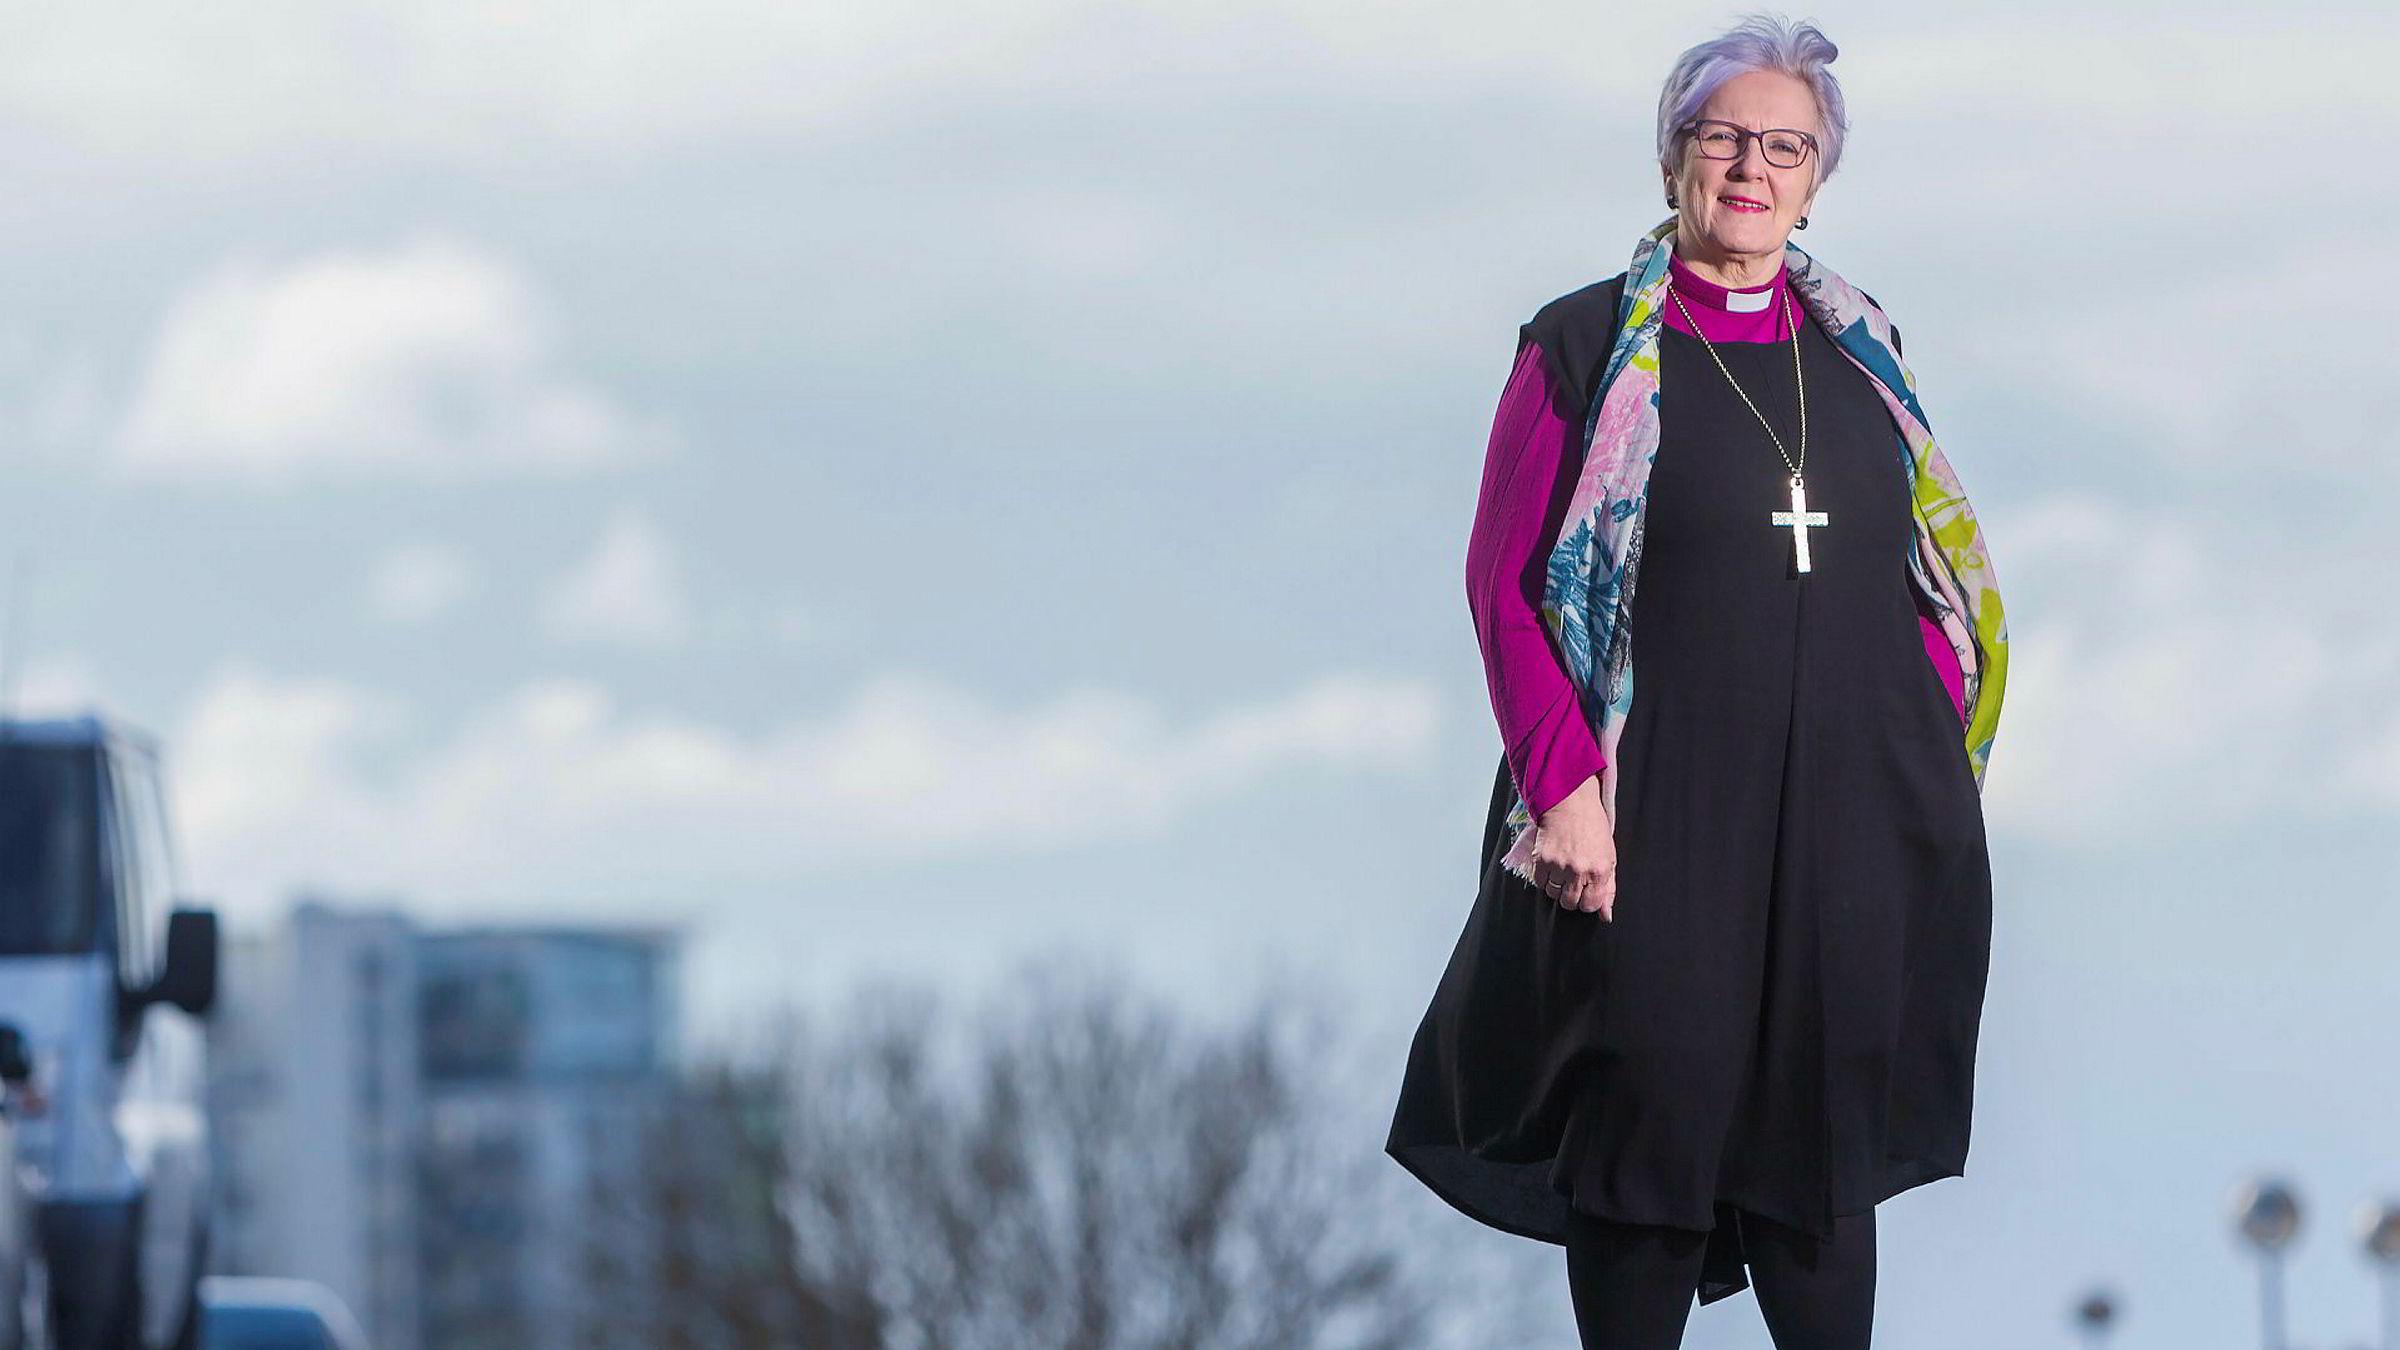 - Det nytter ikke å være solospiller som sjef, man må se sine medarbeidere, sier Ann-Helen Fjeldstad Jusnes, biskop i Sør-Hålogaland bispedømme.